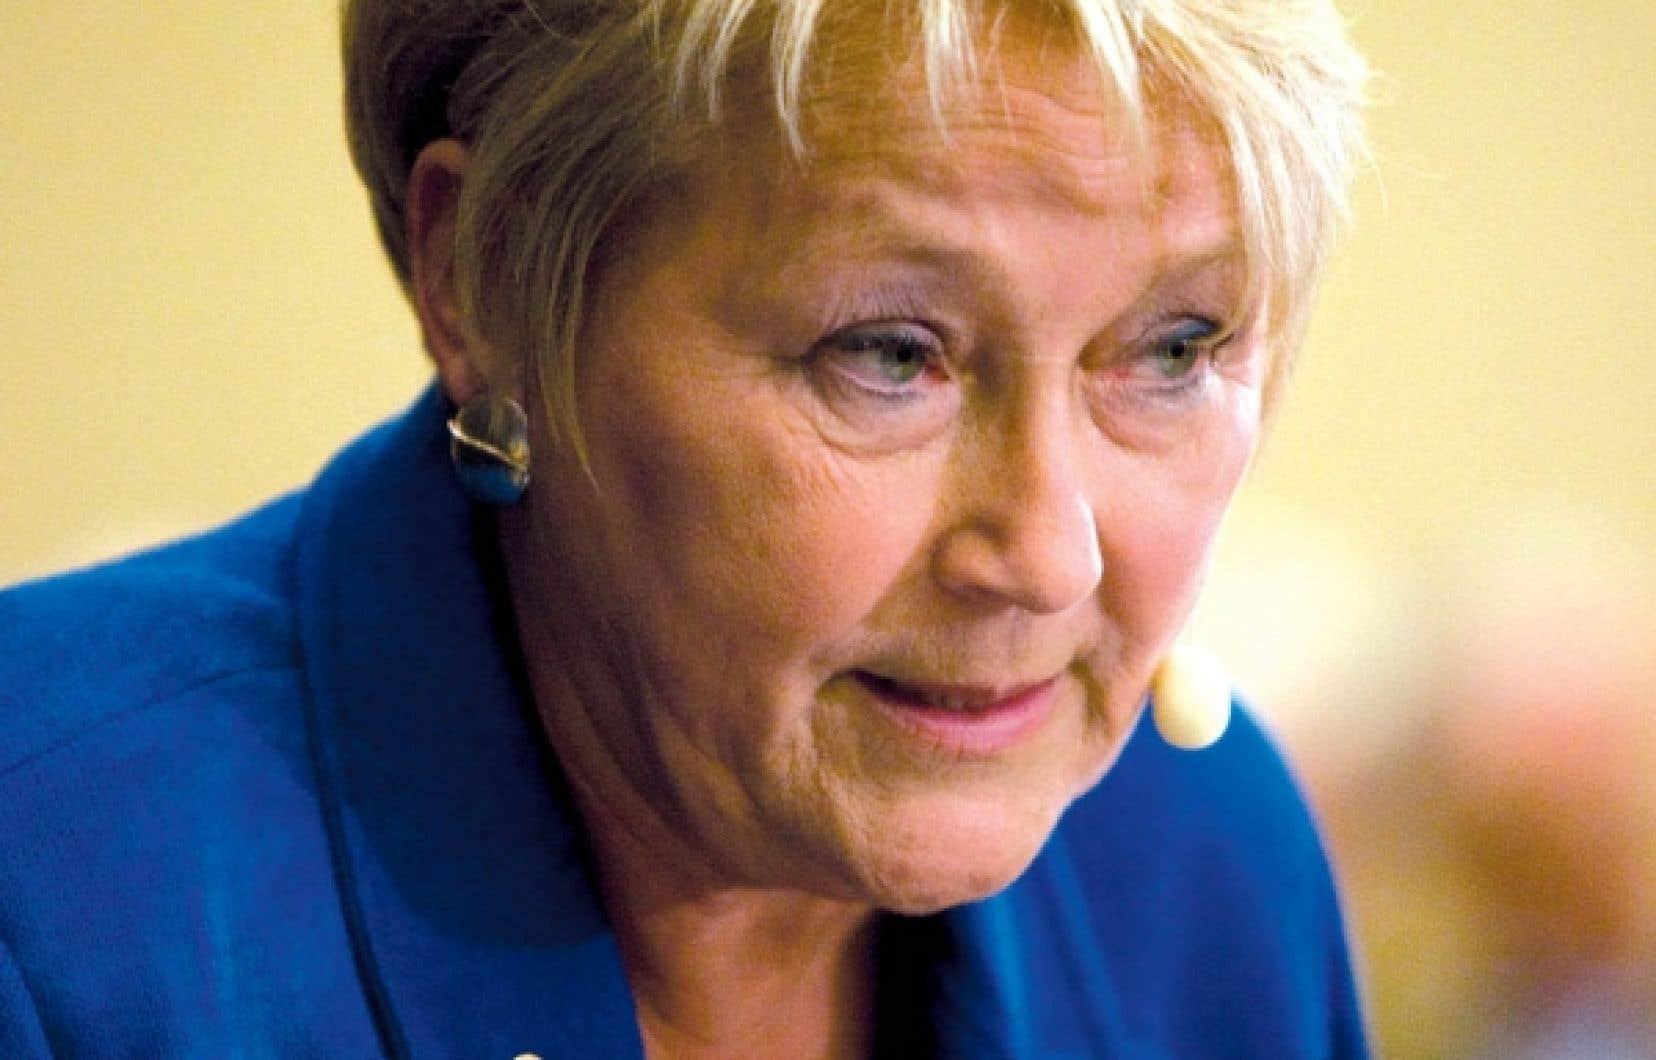 «Ça ne m'étonnerait pas qu'elle [Pauline Marois] vienne annoncer son départ au caucus» des 25 et 26 janvier, dit un député. «C'est vraiment un scénario probable», dit un autre.<br />